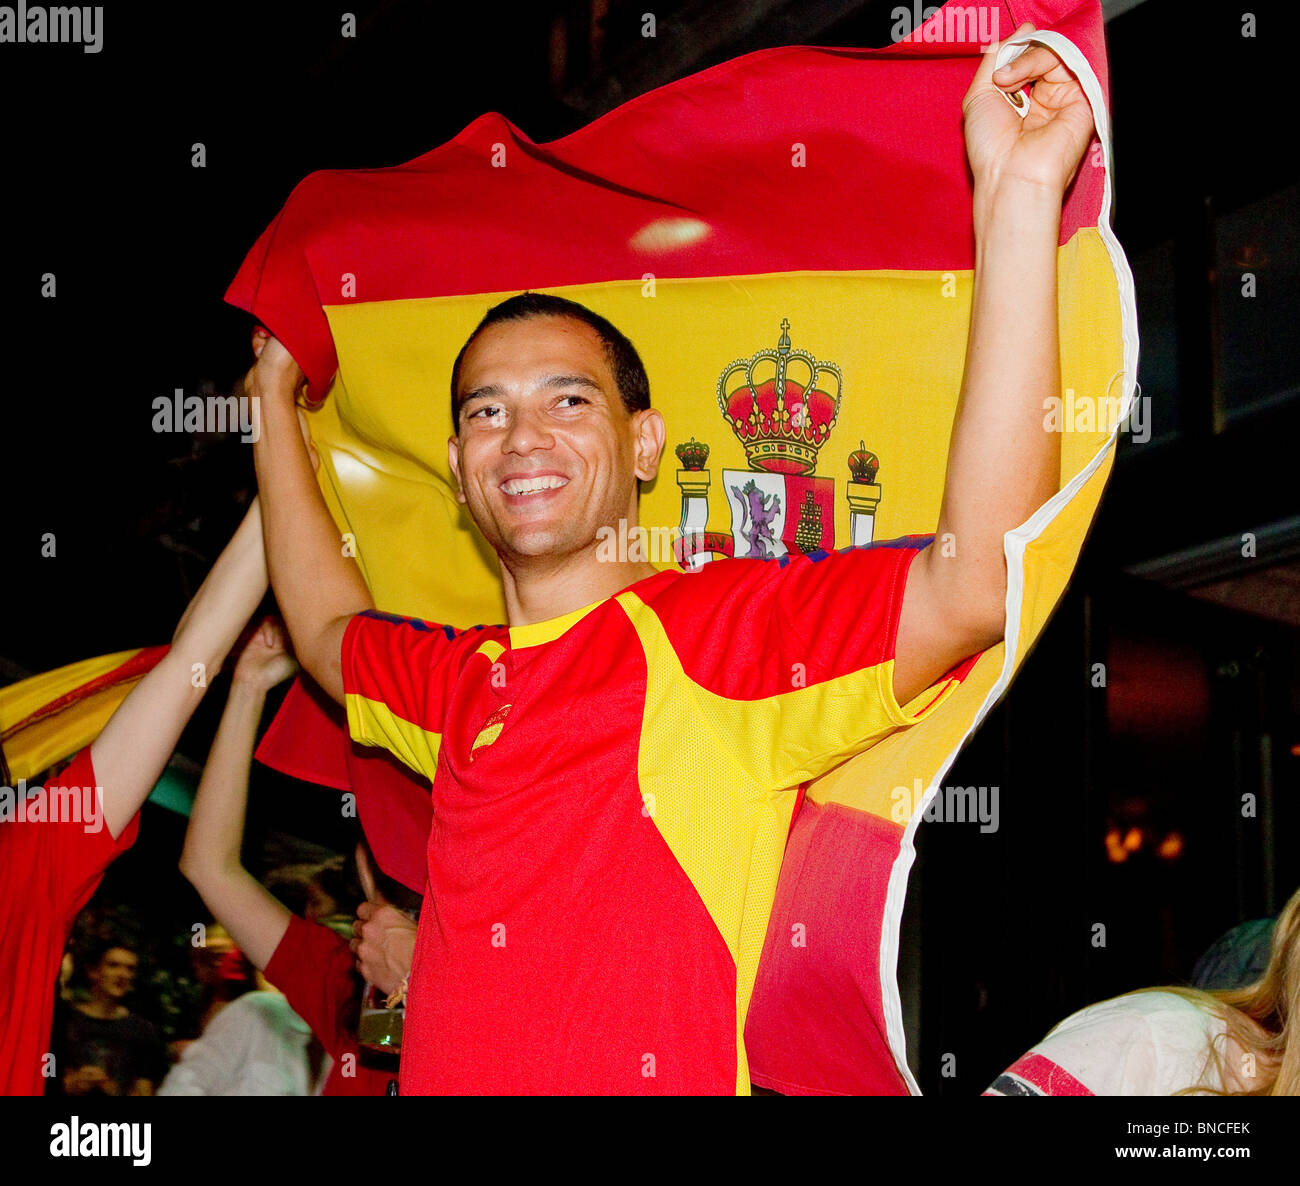 Supporter de football espagnol Photo Stock